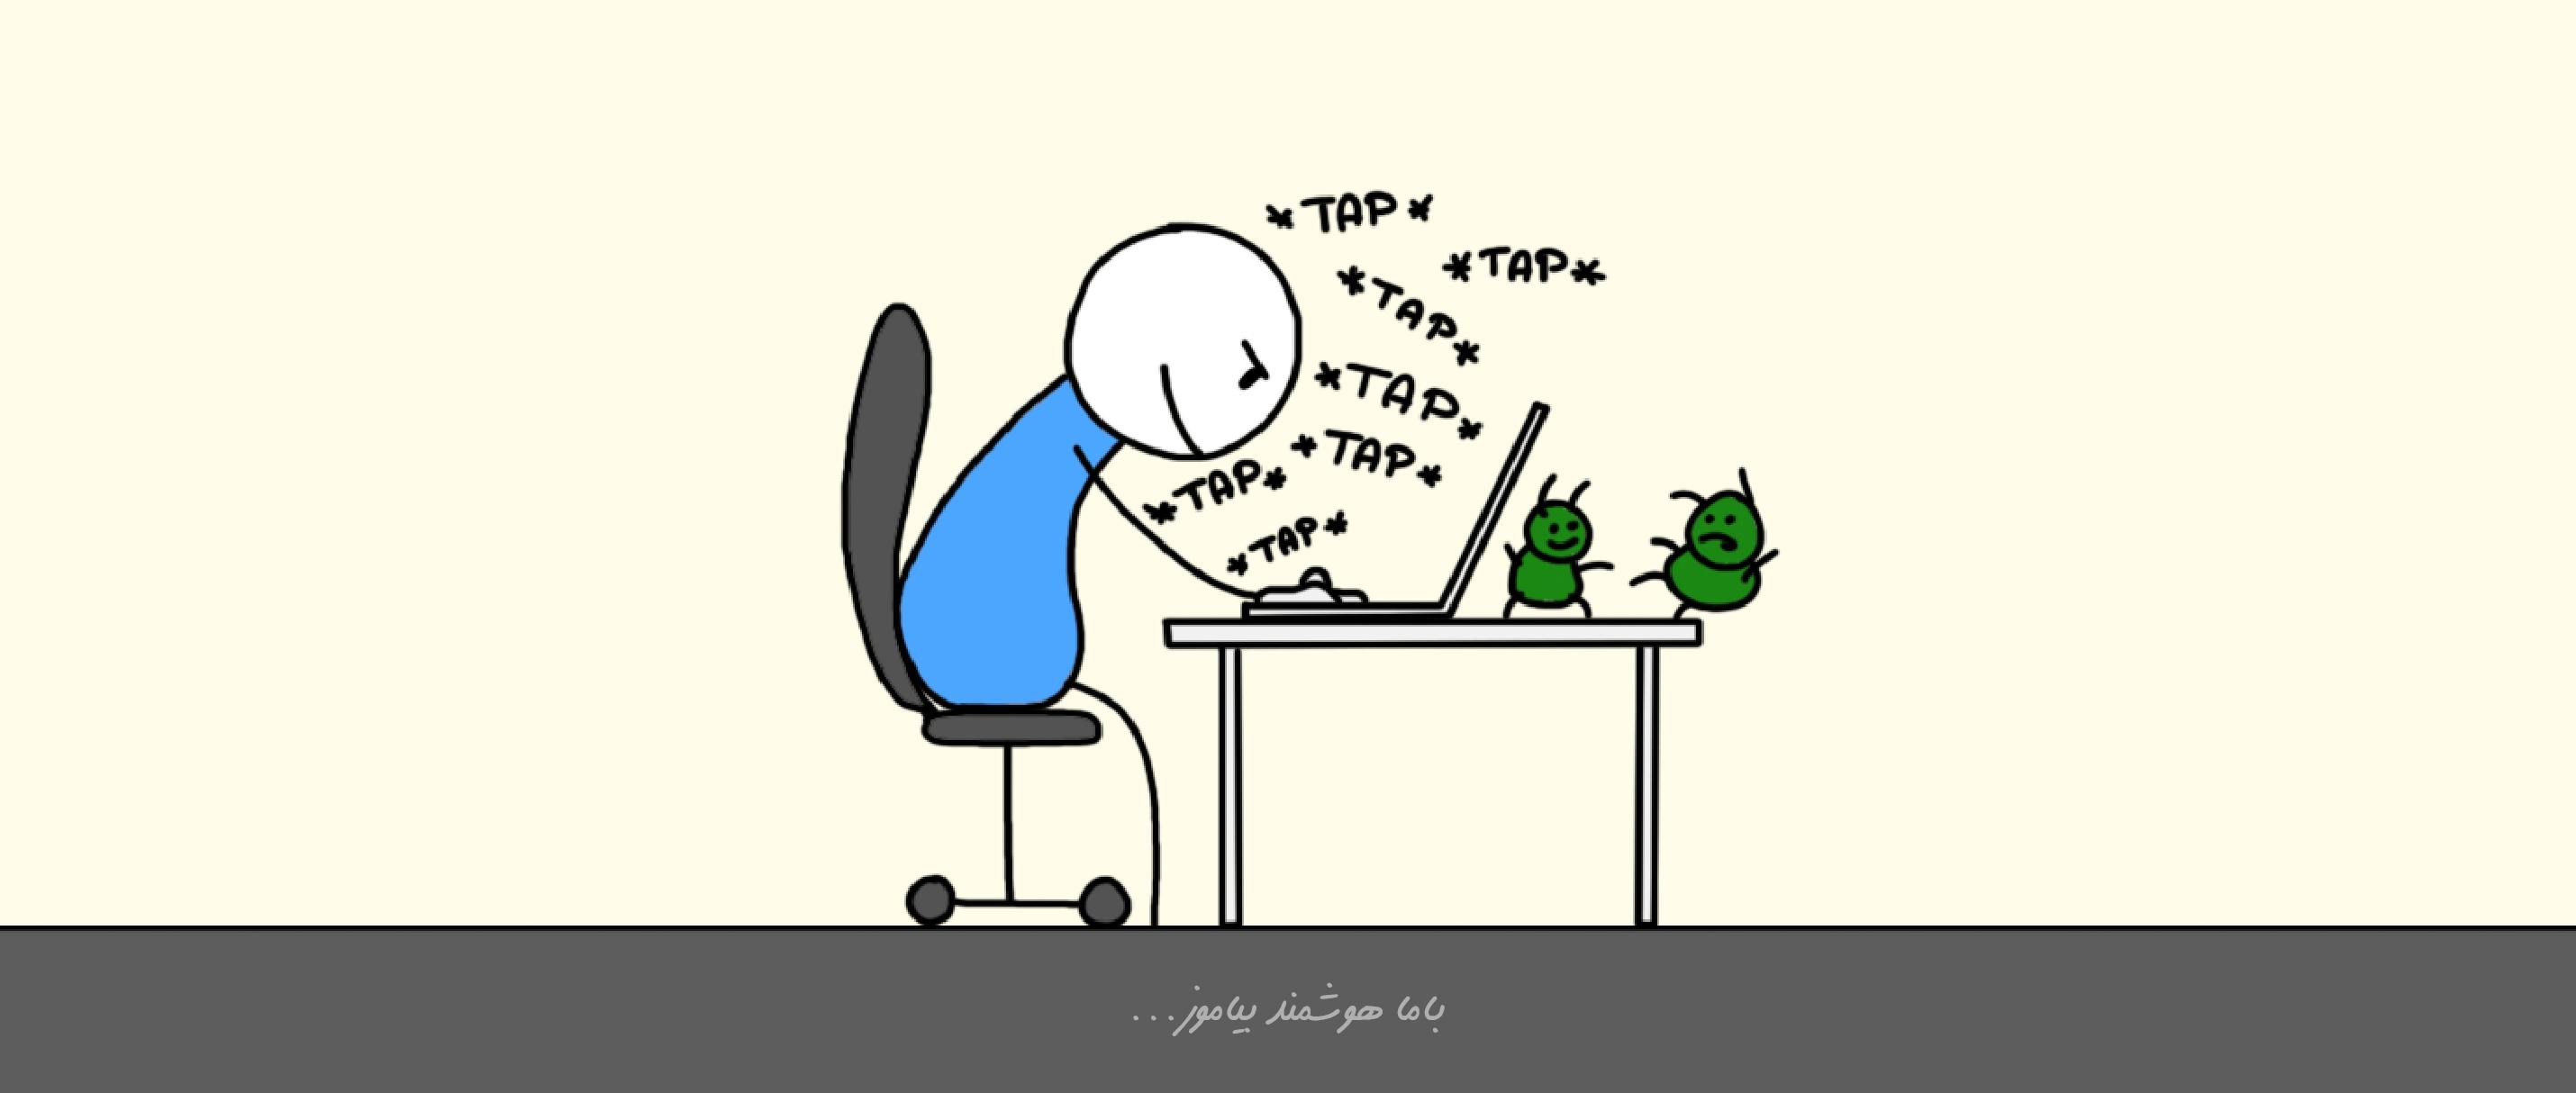 کارهایی که شما رو برنامه نویس حرفه ای معرفی می کنه! (قسمت دوم)